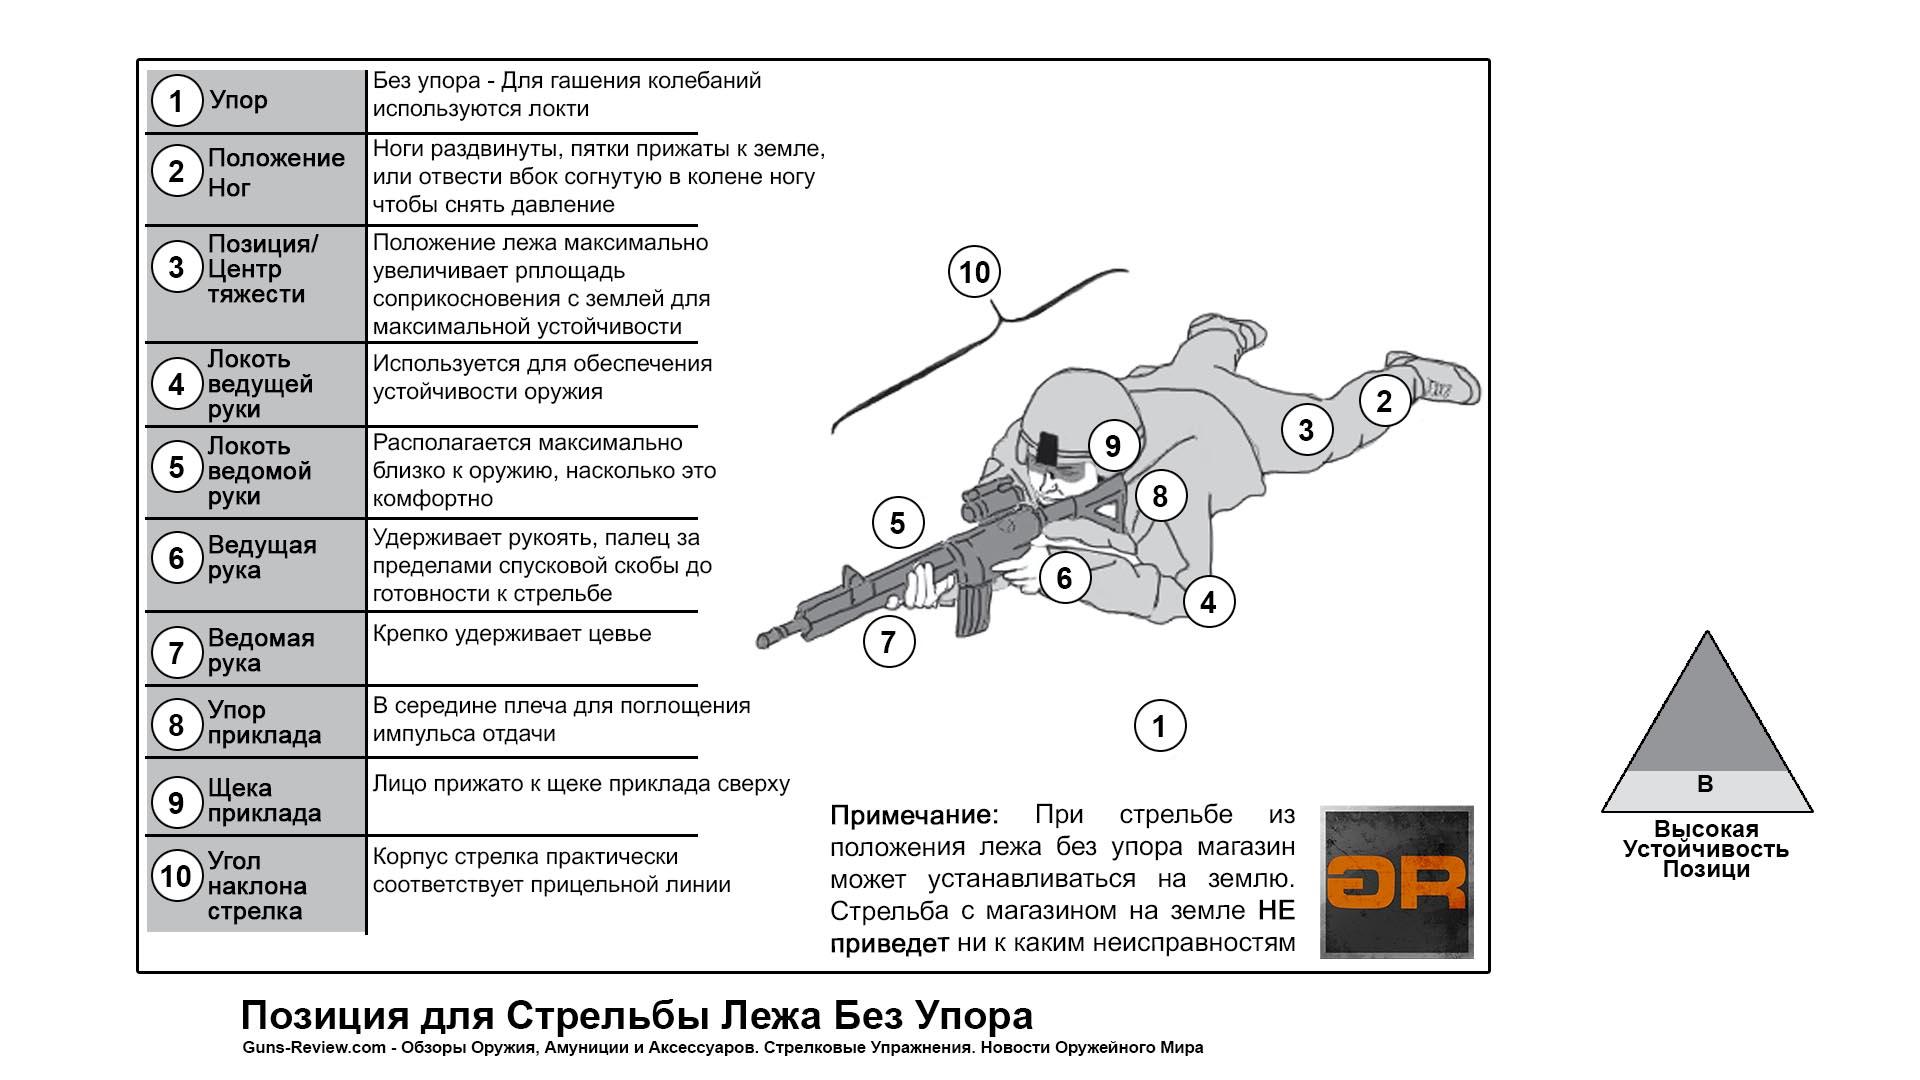 Схема и Описание позиции для стрельбы лежа / US ARMY Rifle and Carbine, 2016. Перевод и адаптация Guns-Review.com